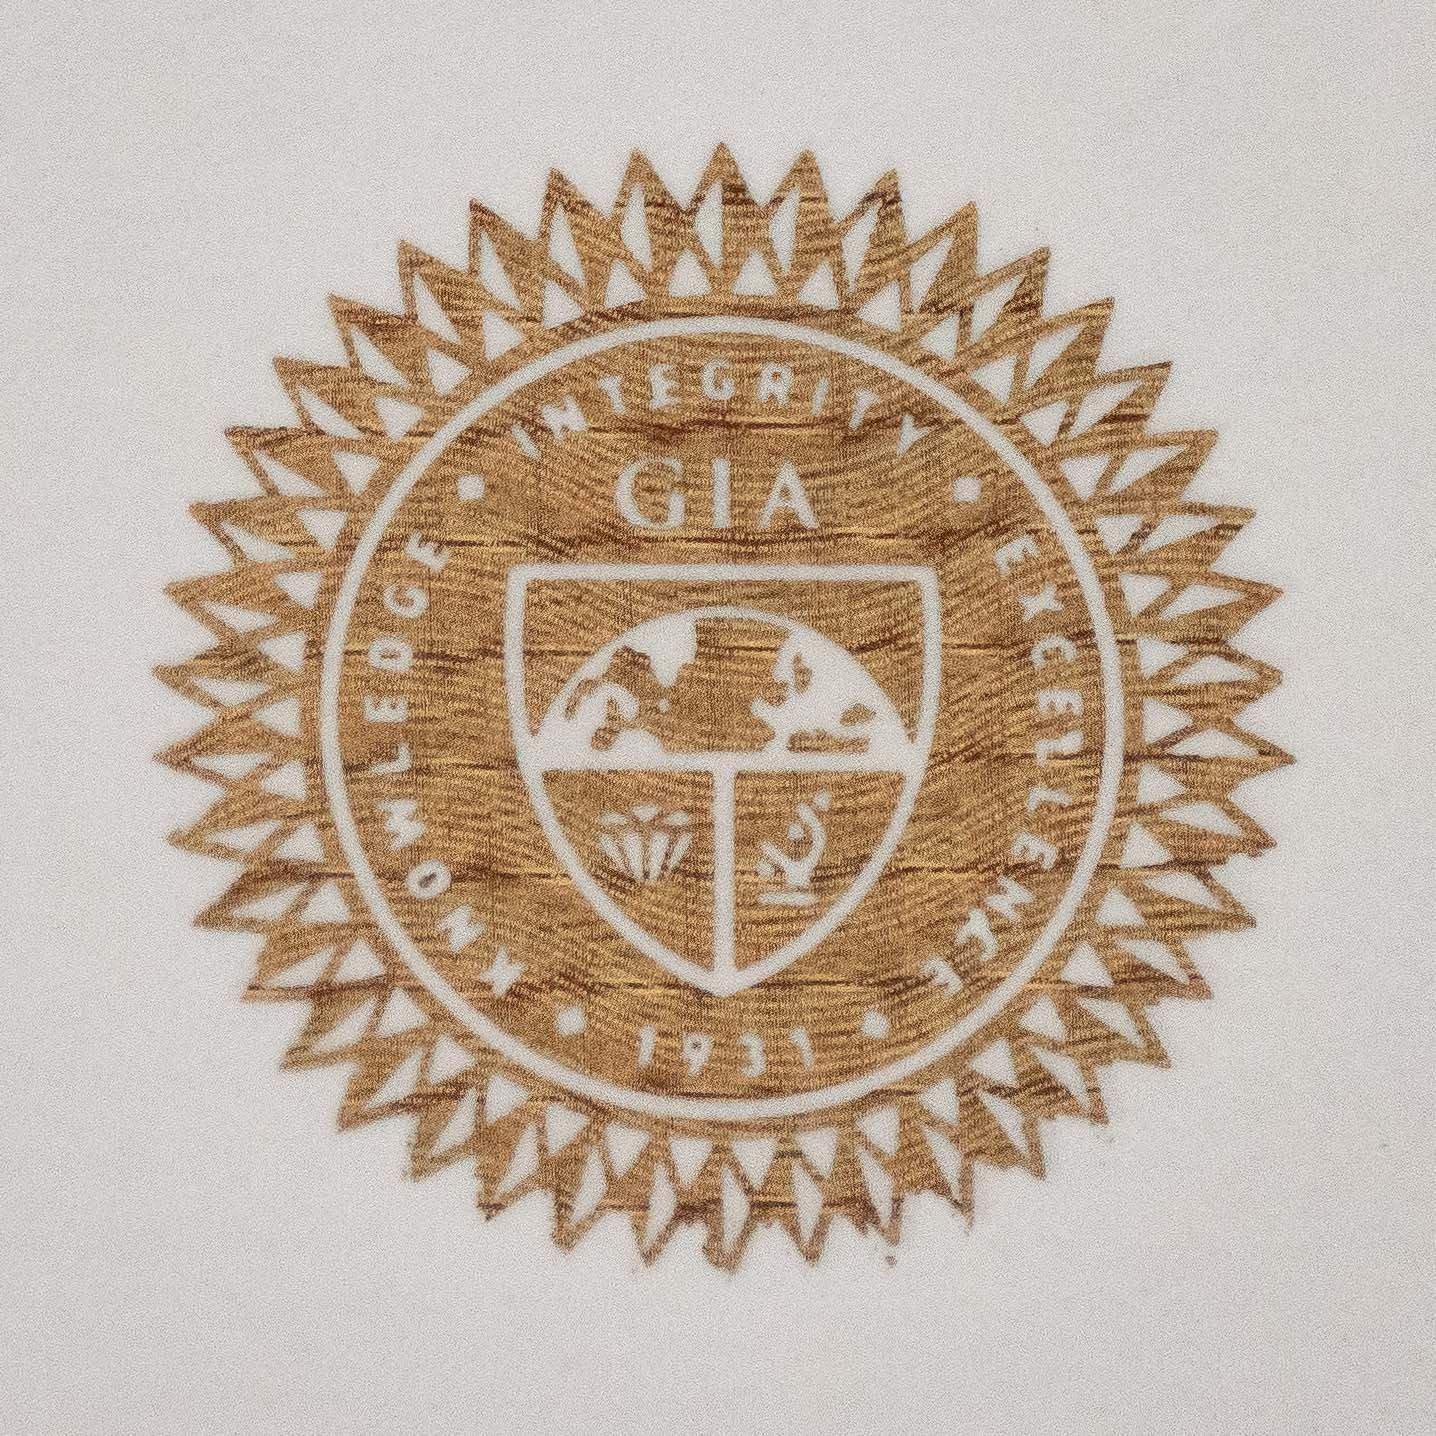 GIA Seal